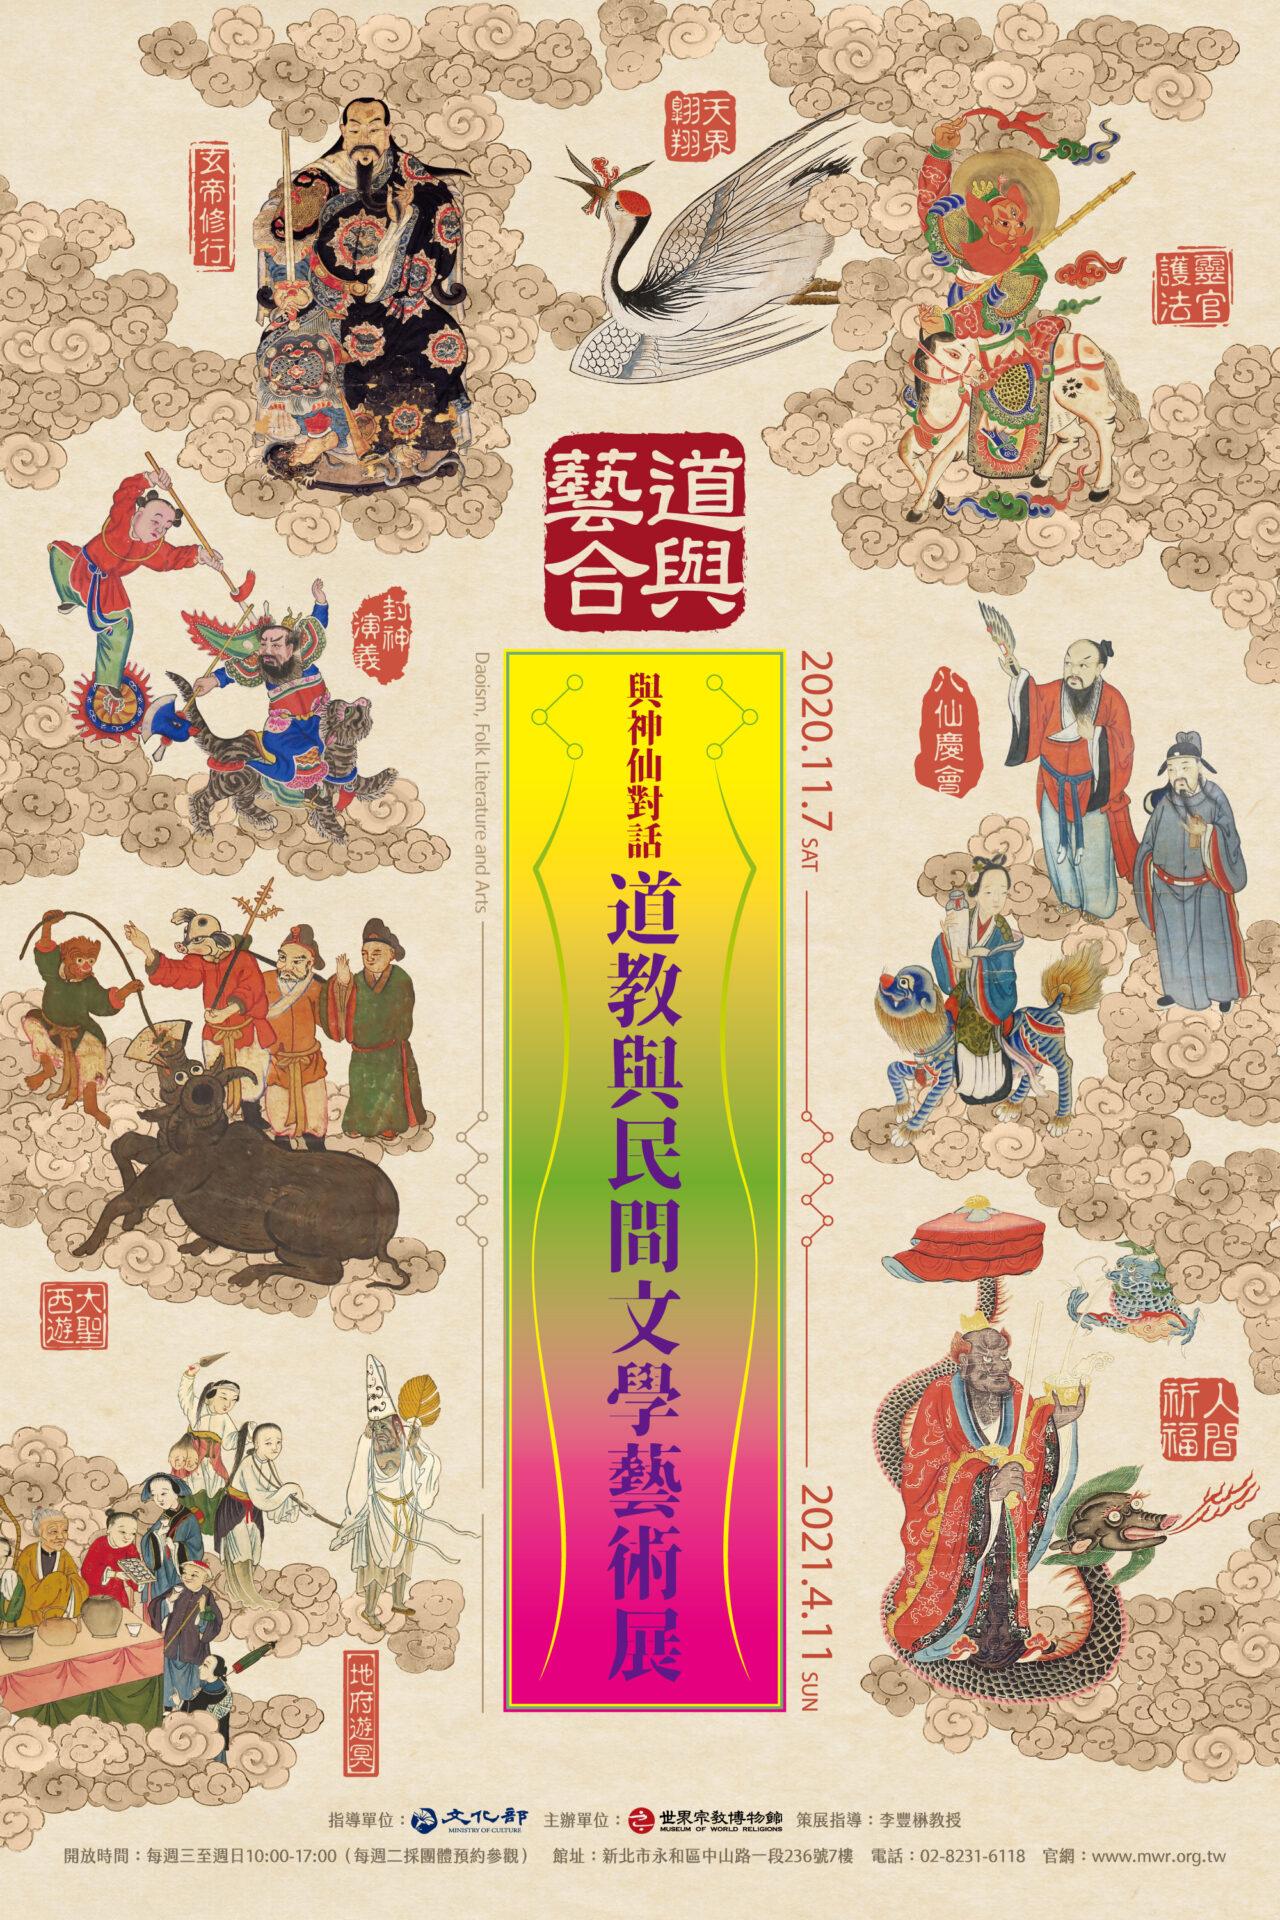 世界宗教博物館:2020/11/07-2021/4/11【道教與民間文學藝術展暨特展活動】